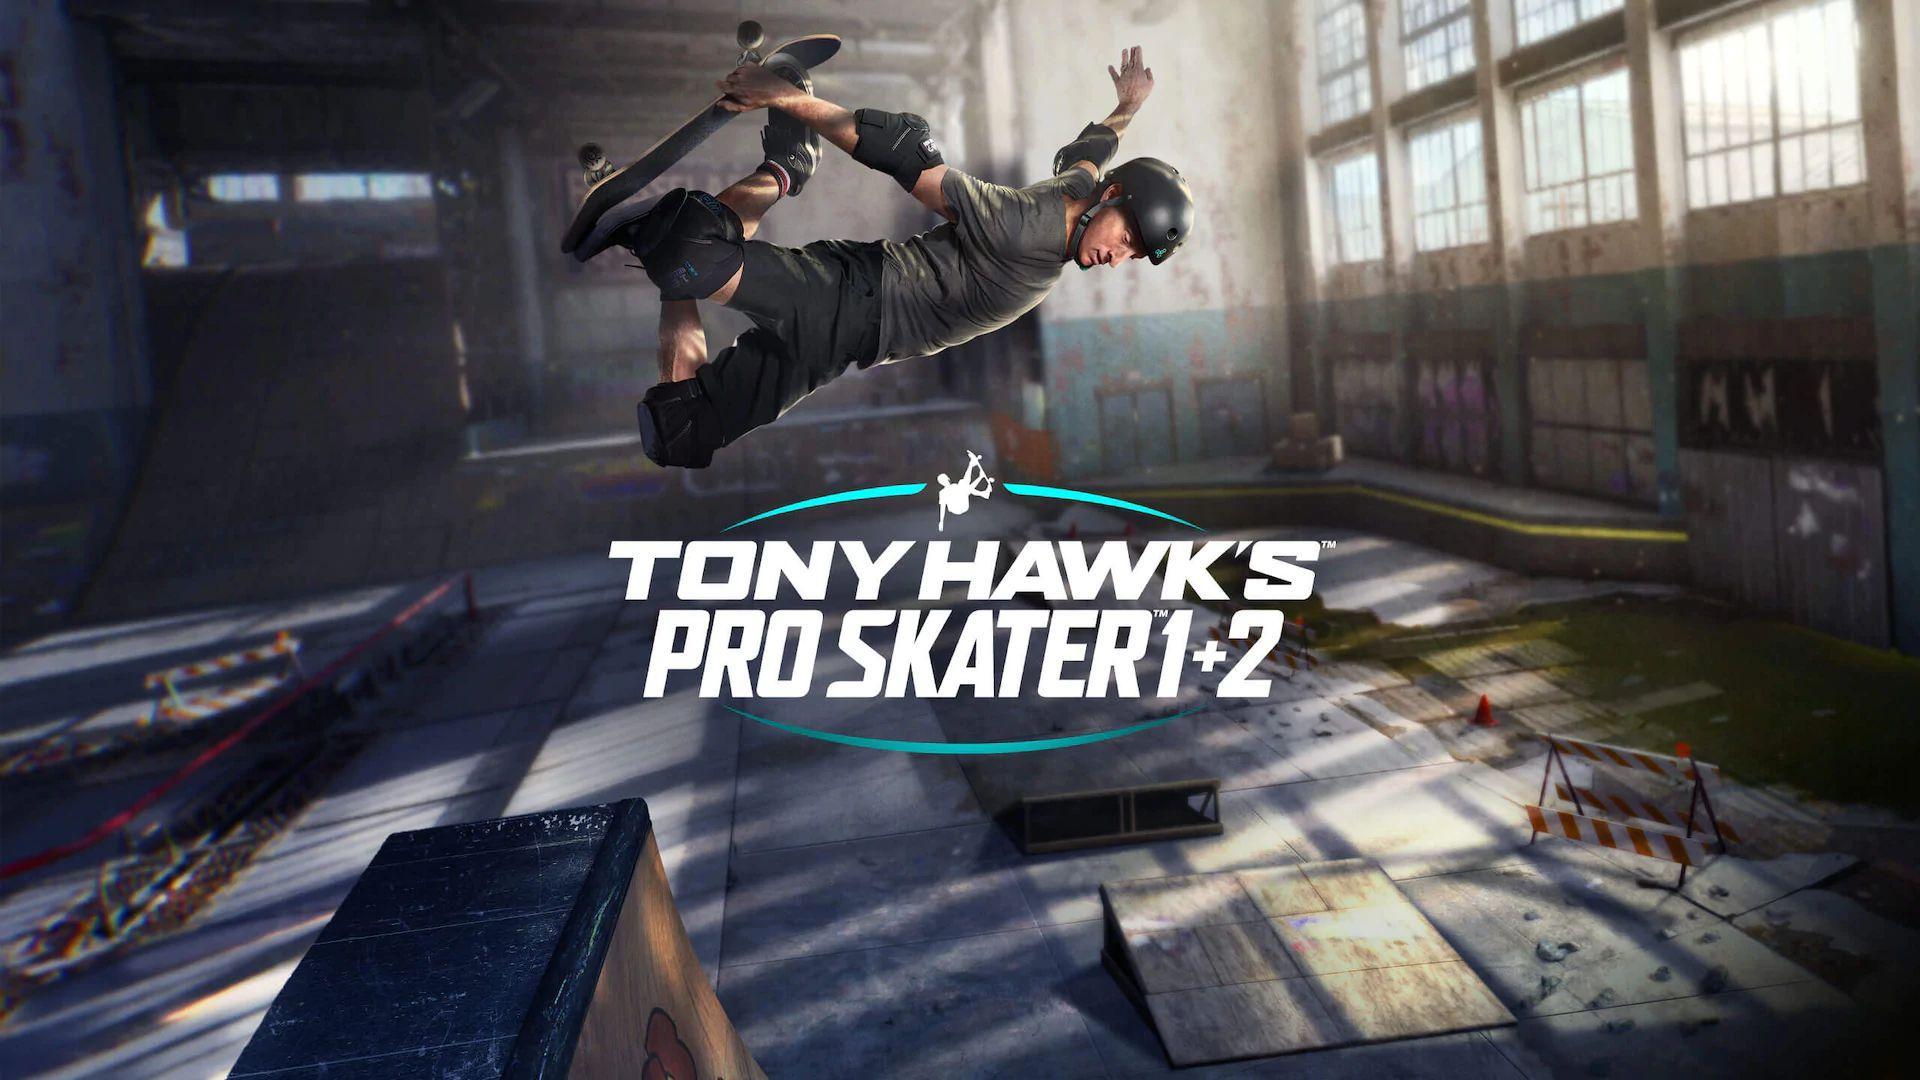 Le Pro Skater 1 + 2 De Tony Hawk Montre